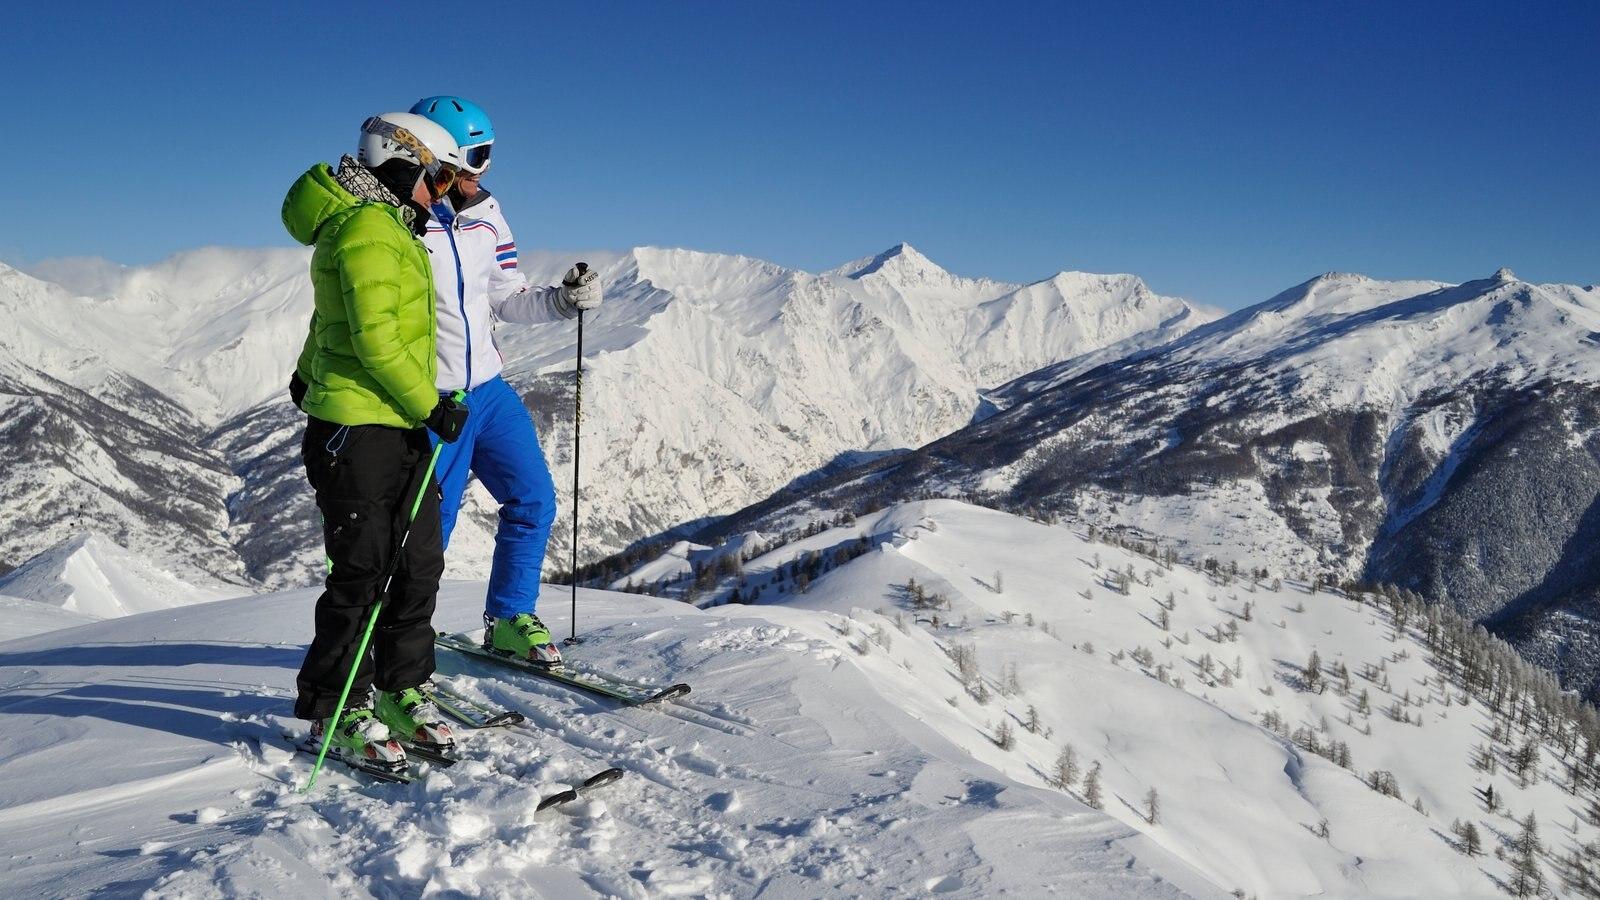 Bardonecchia Ski Resort mostrando neve, esqui na neve e montanhas